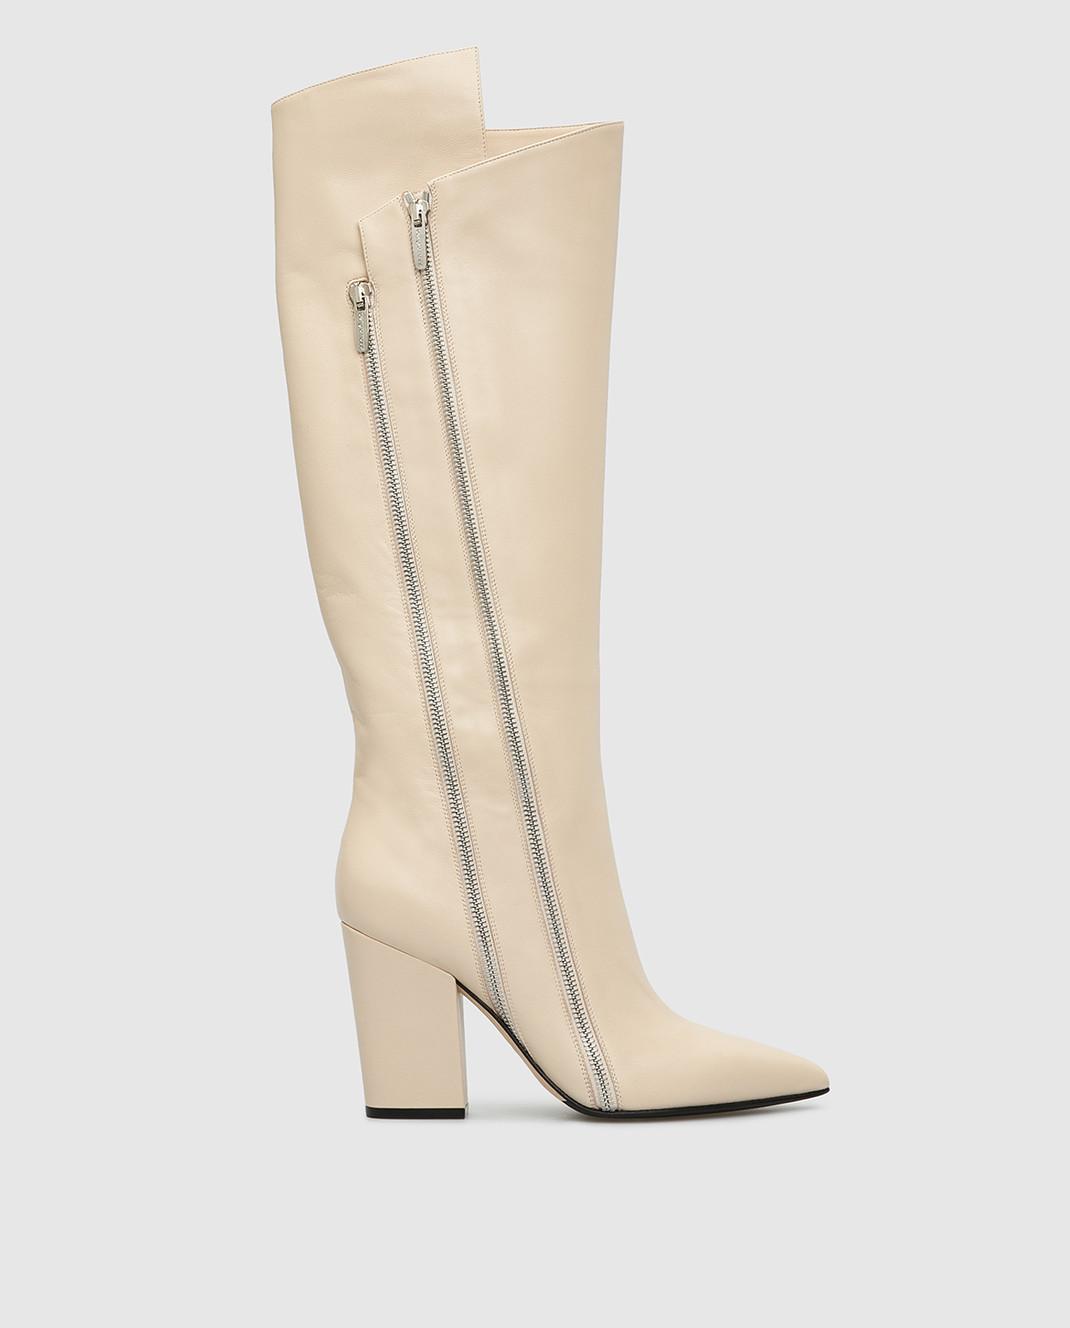 Sergio Rossi Светло-бежевые кожаные сапоги изображение 1